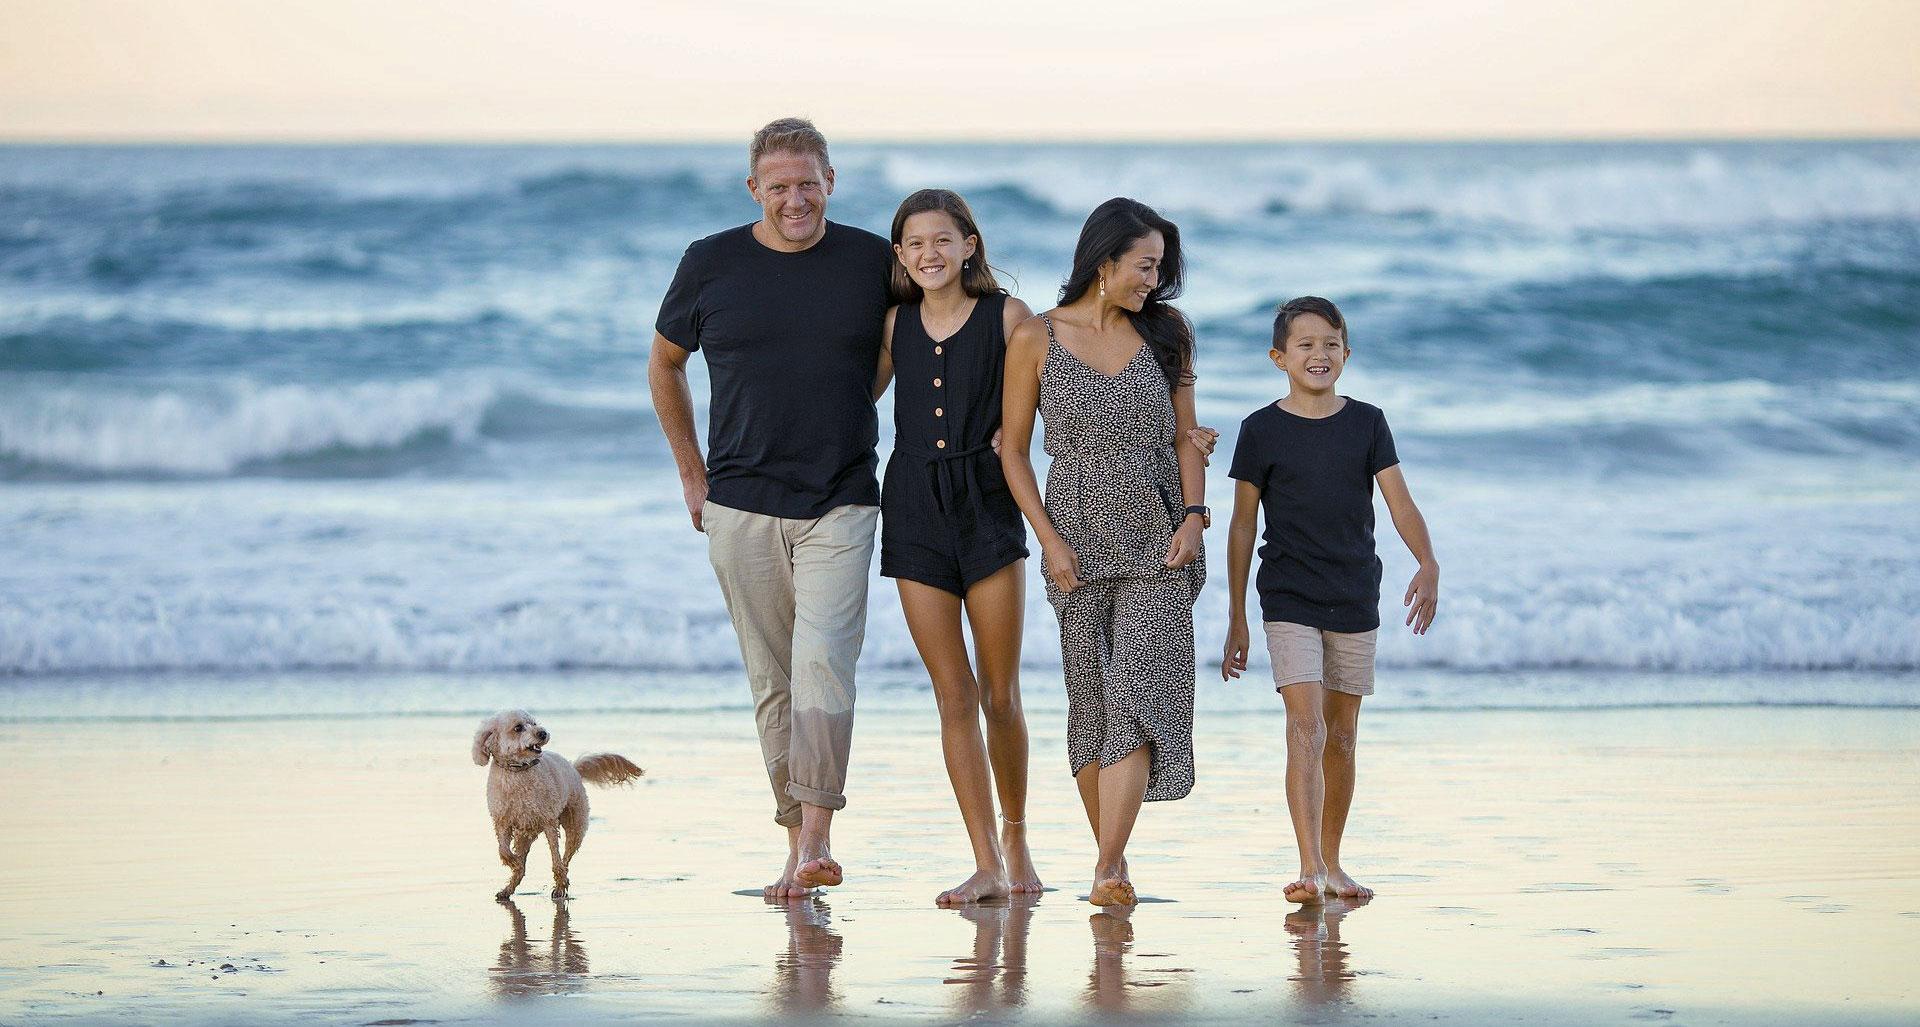 familie hat urlaub mit santander-schnellkredit finanziert